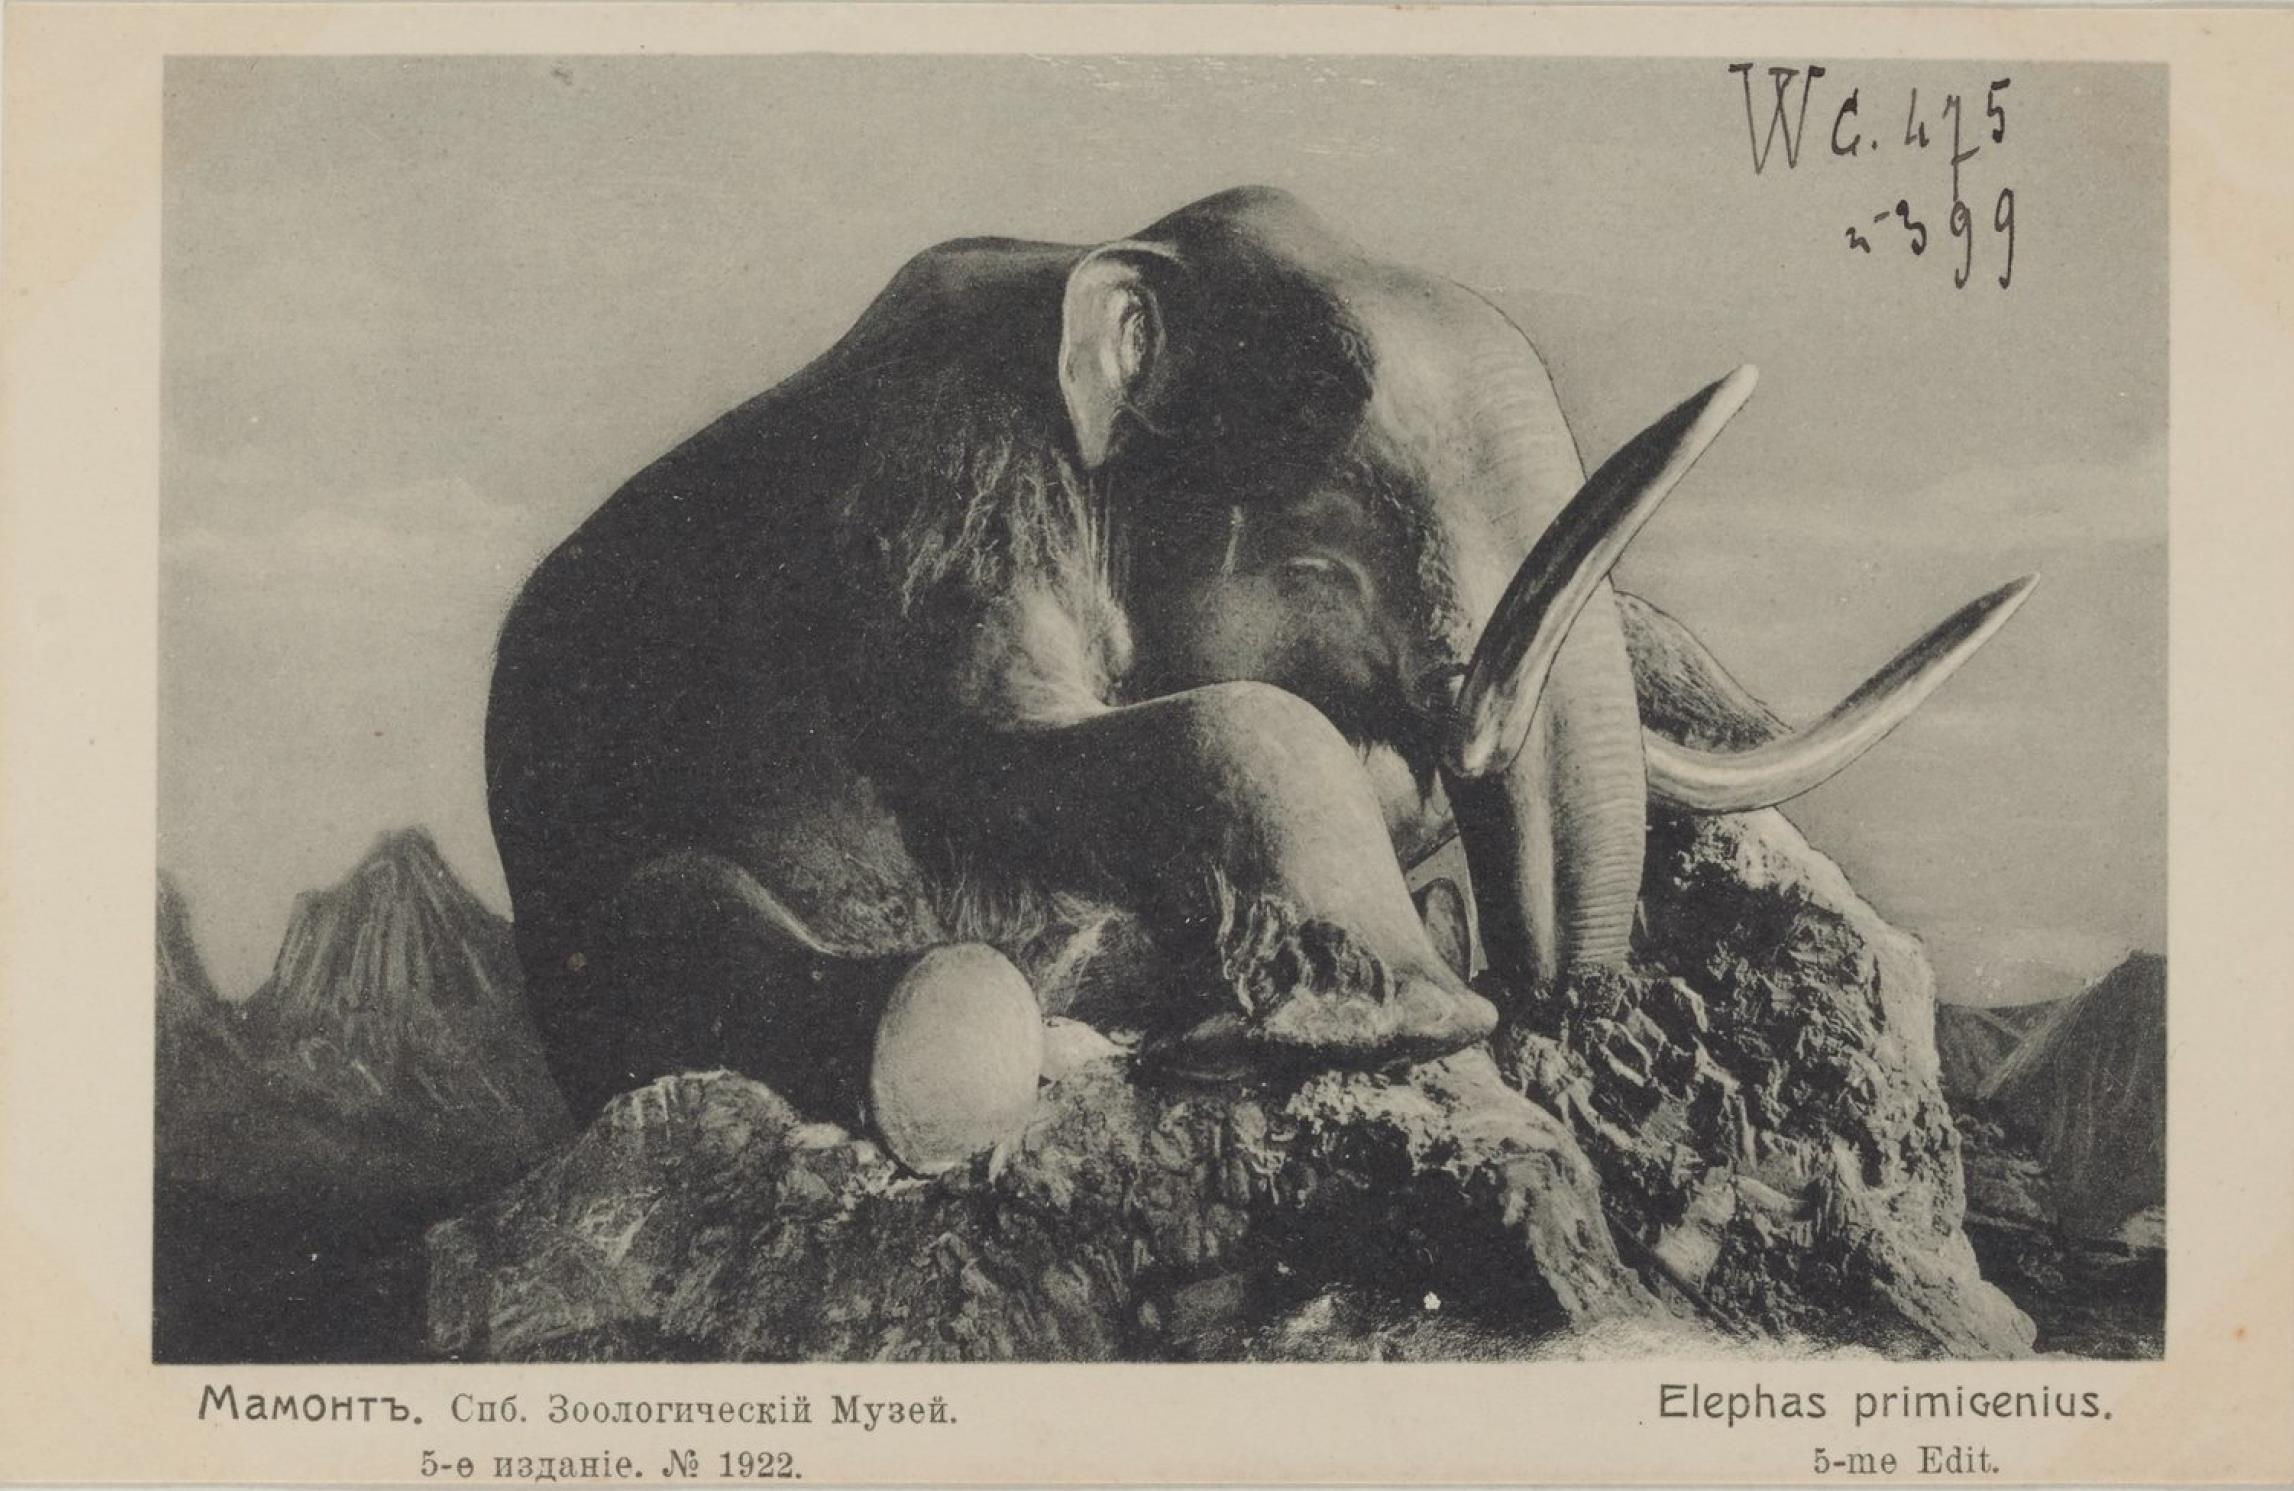 Академия Наук. Зоологический музей. Мамонт